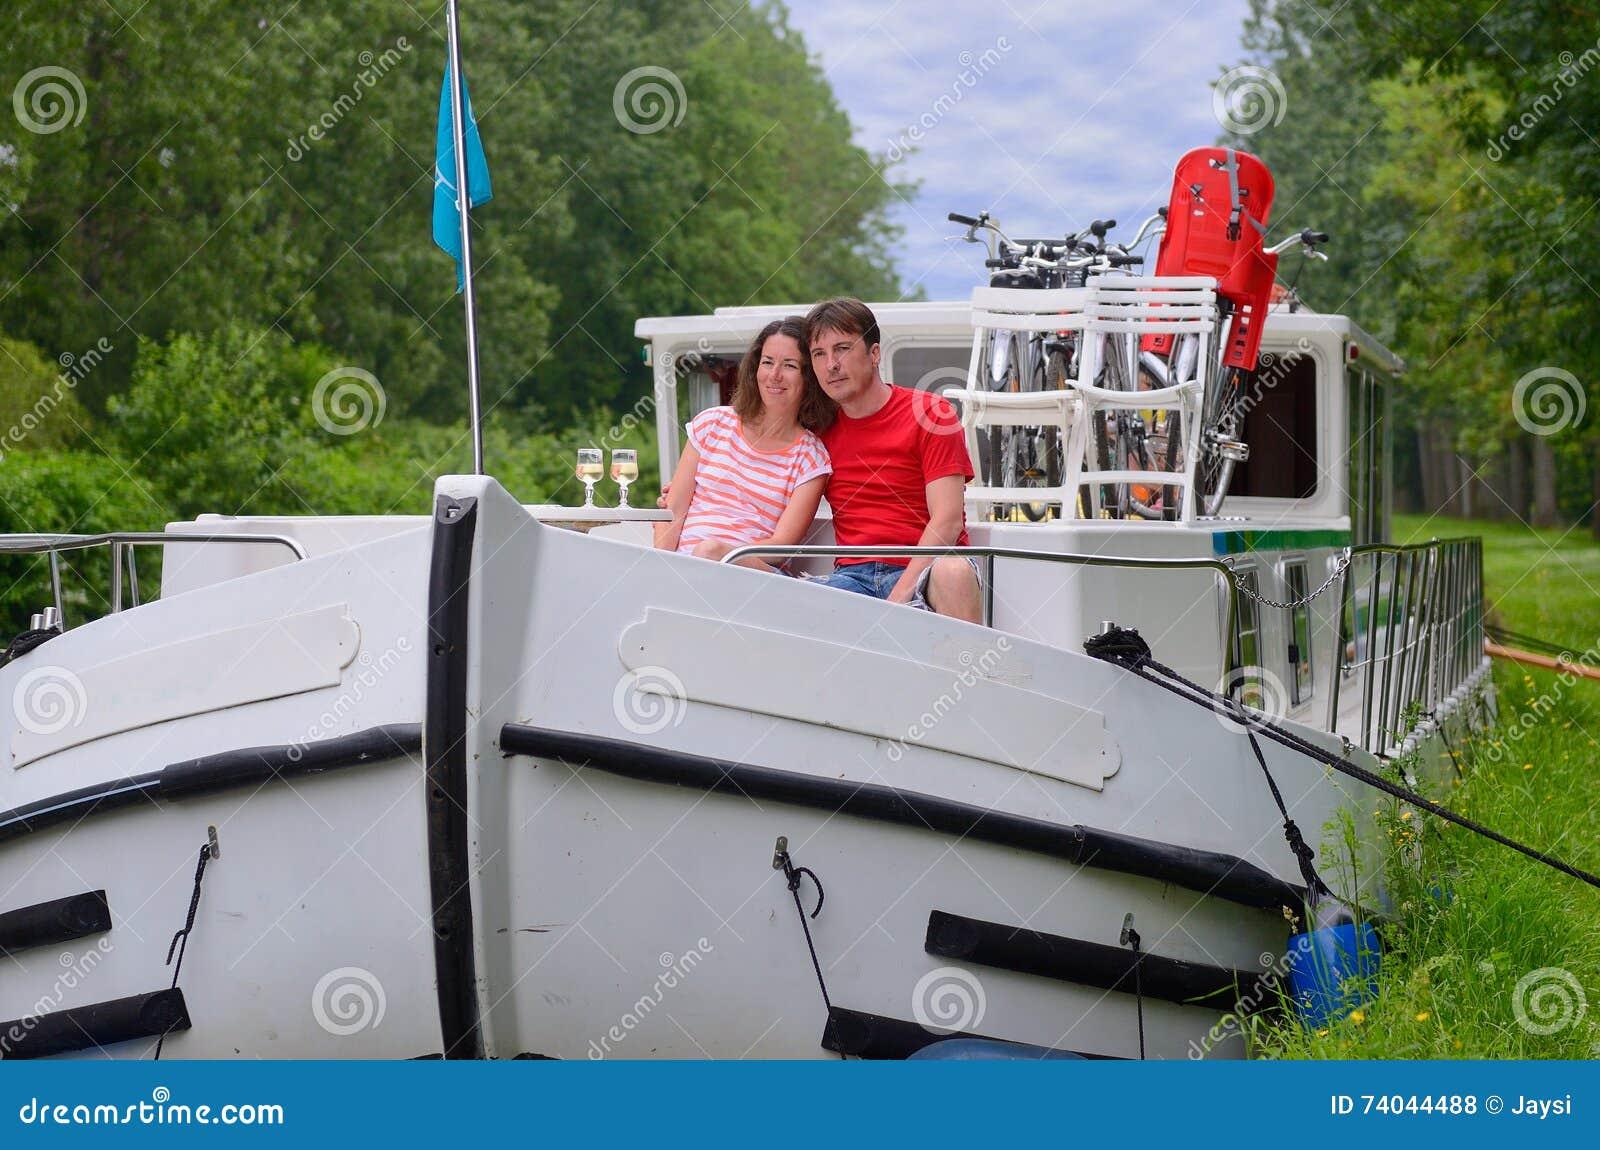 Romantische Ferien, Reise Auf Beiboot, Glückliches Paar Auf